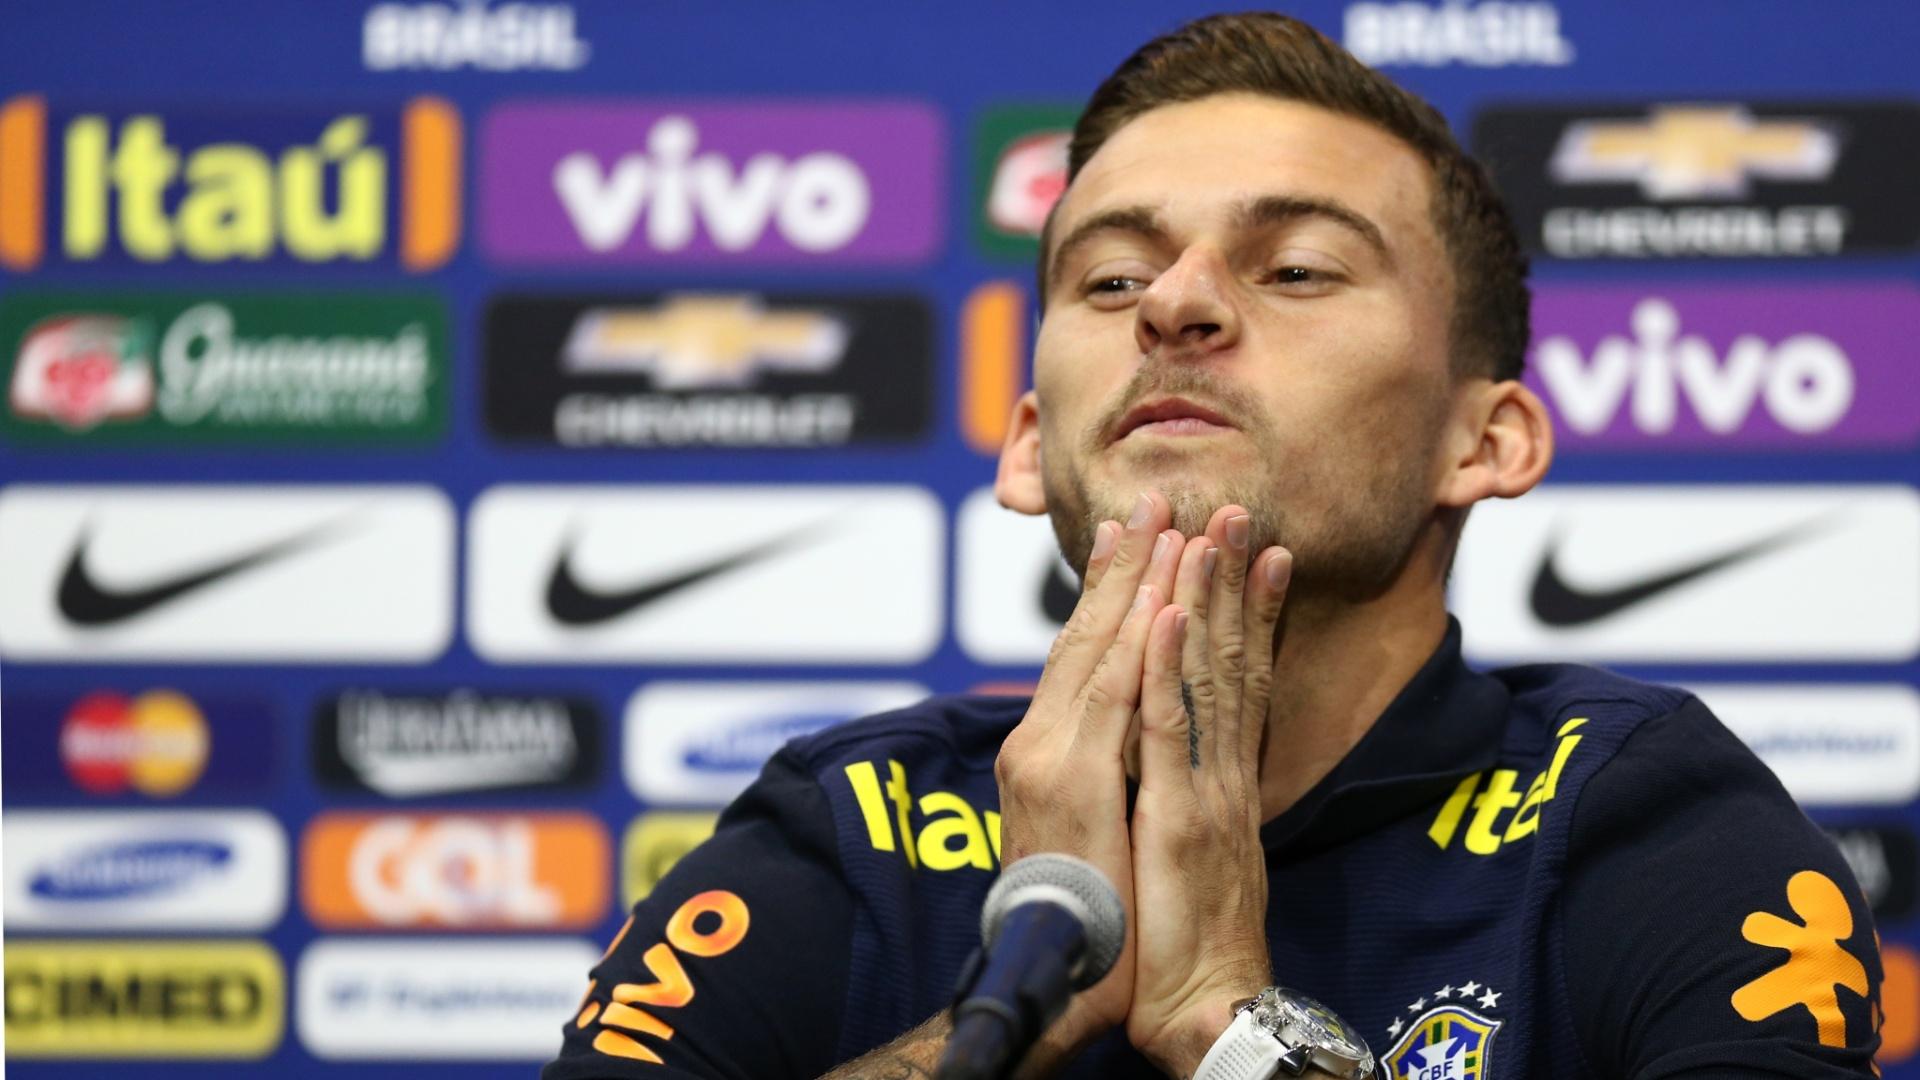 Lucas Lima dá entrevistas após ser eleito o camisa 10 da seleção brasileira